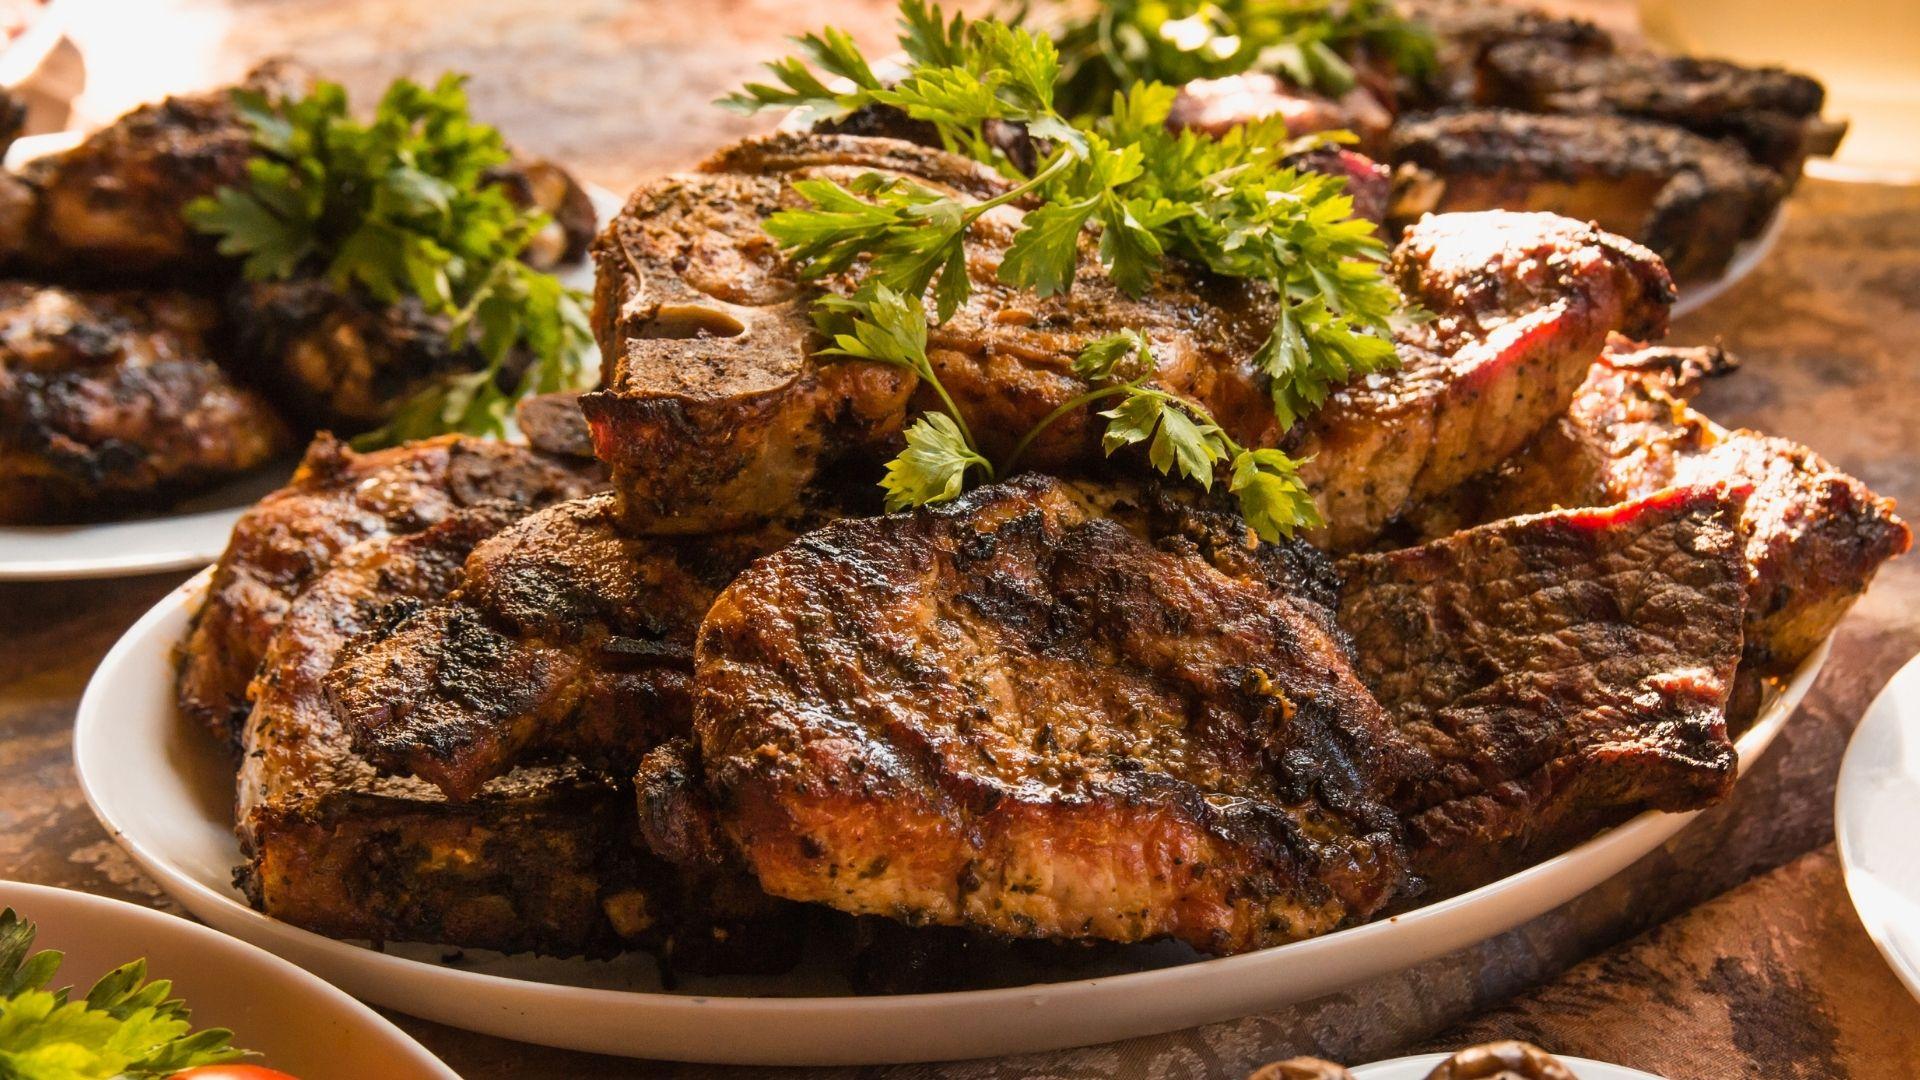 03 Essen nach dem Sport - Proteine